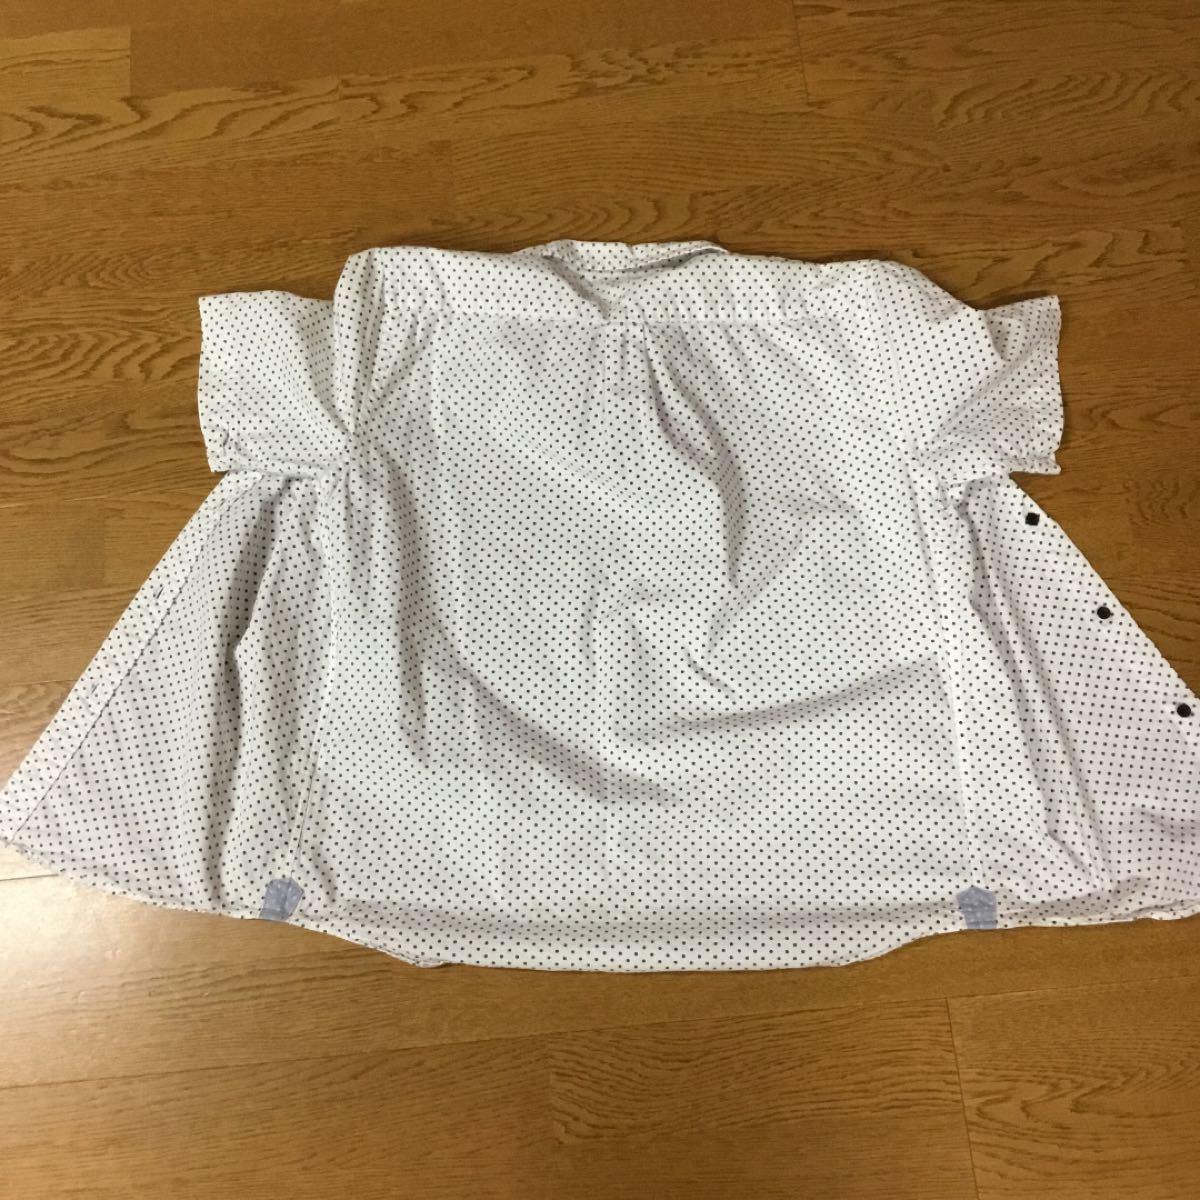 半袖シャツ ボタンダウンシャツ ドット柄